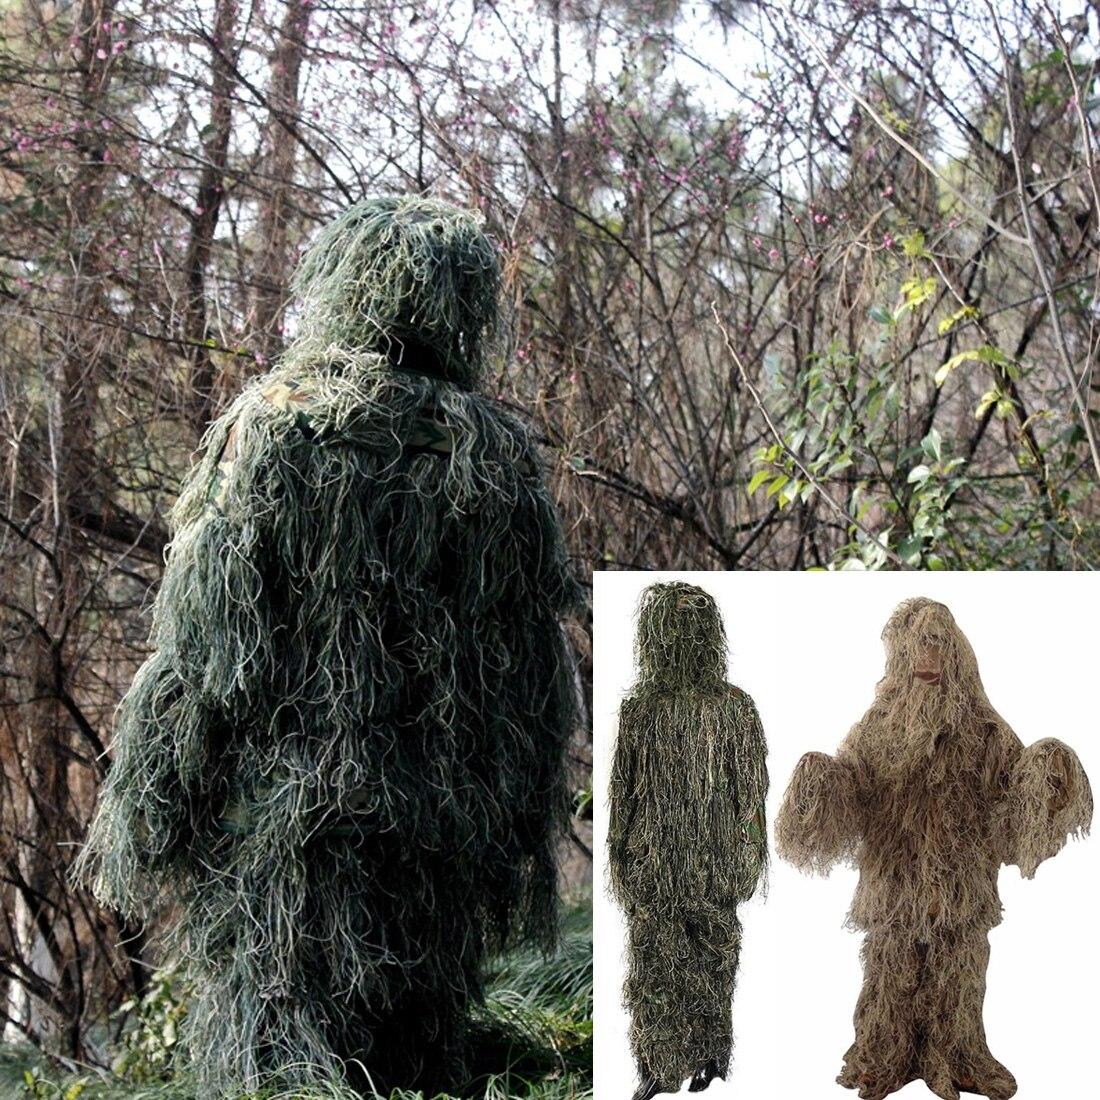 Vente chaude Réglable Taille Unisexe Camouflage Costumes Woodland Vêtements Ghillie Costume Pour La Chasse Armée Militaire Tactique Sniper Ensemble Kit